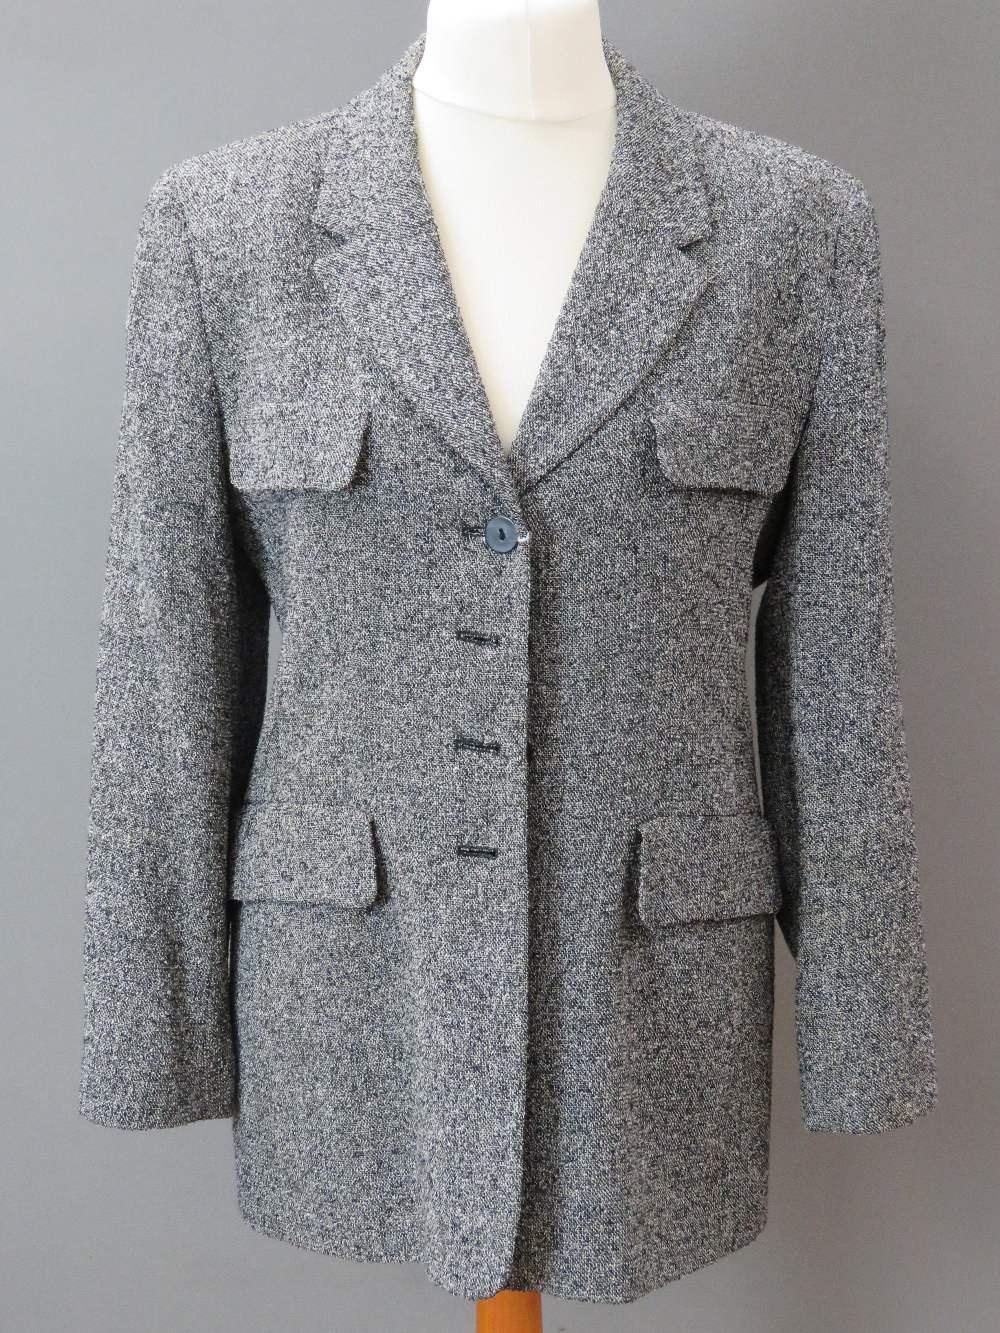 A ladies 40% wool jacket by Windsmoor. A